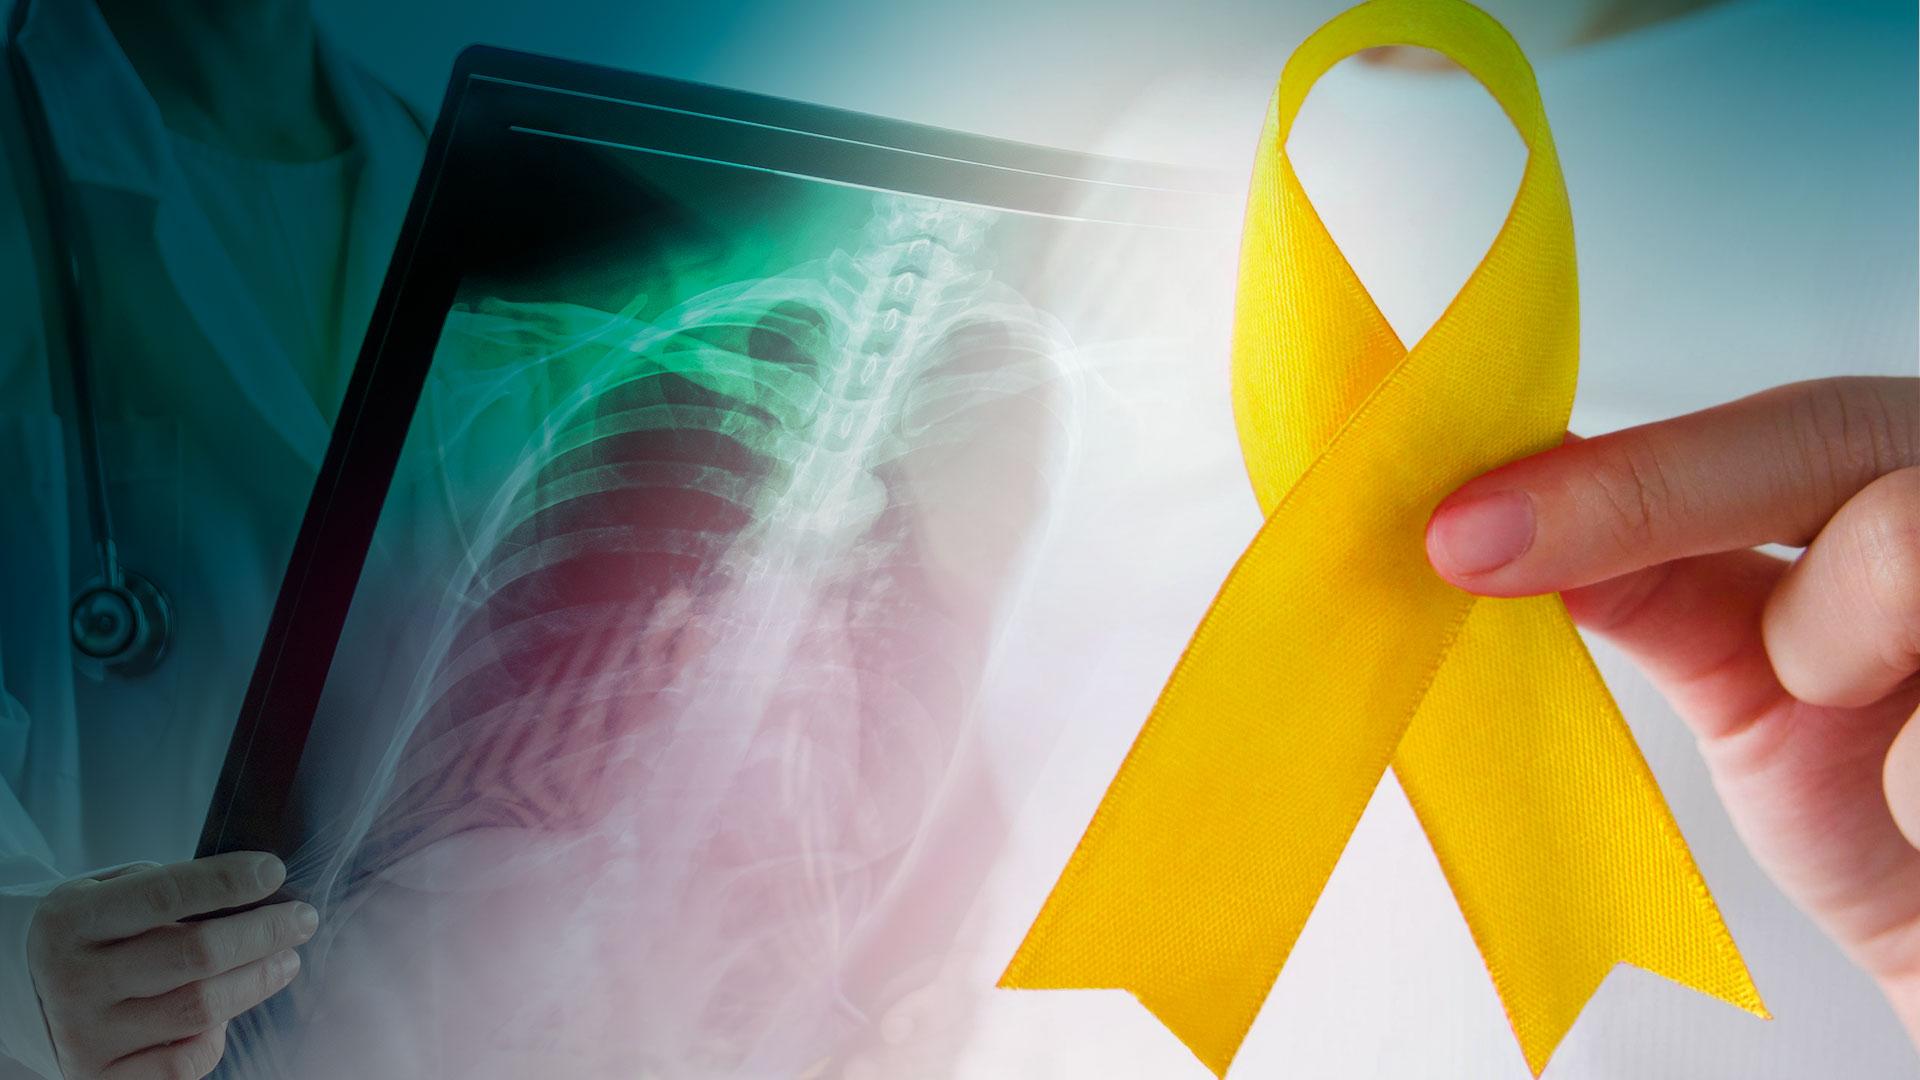 Tenho história familiar de câncer ósseo, qual meu risco de câncer?